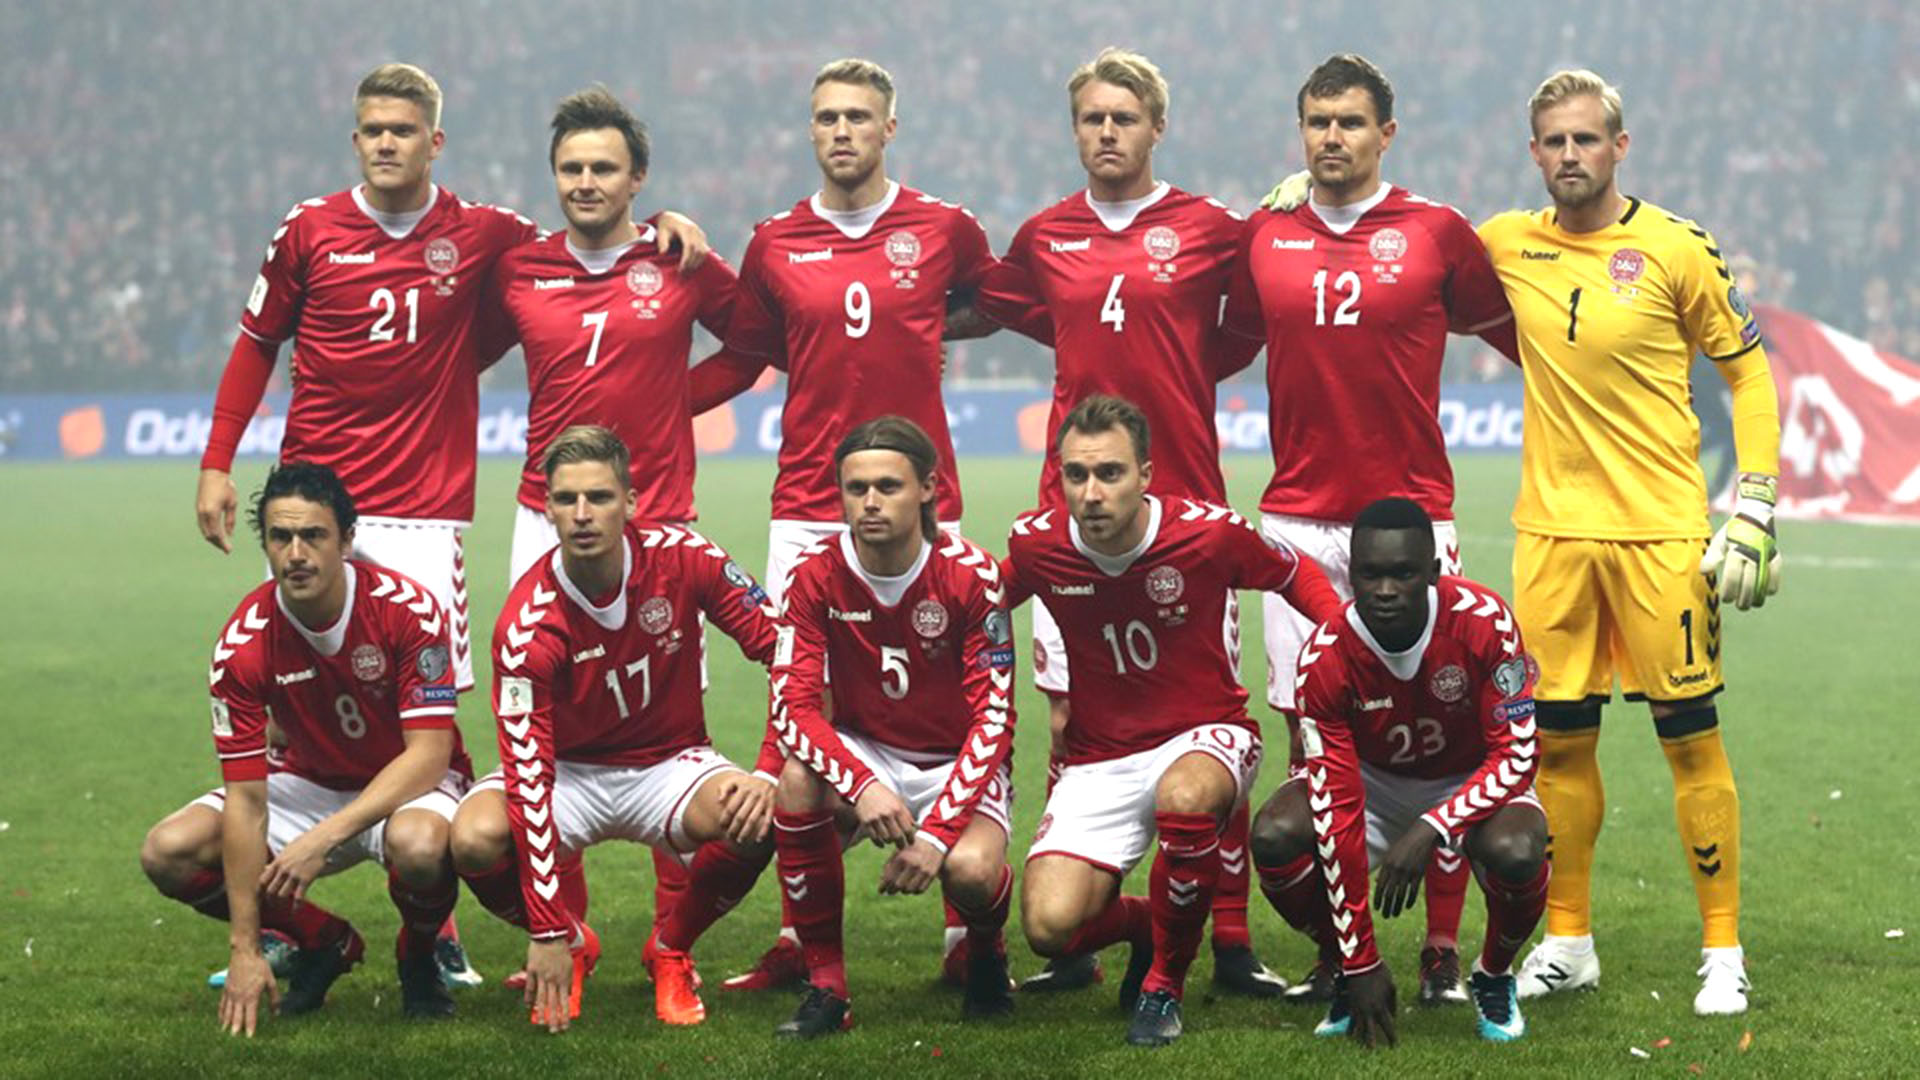 Con un promedio de edad de 27 años, el valor de Dinamarca es de 202,55 millones de dólares